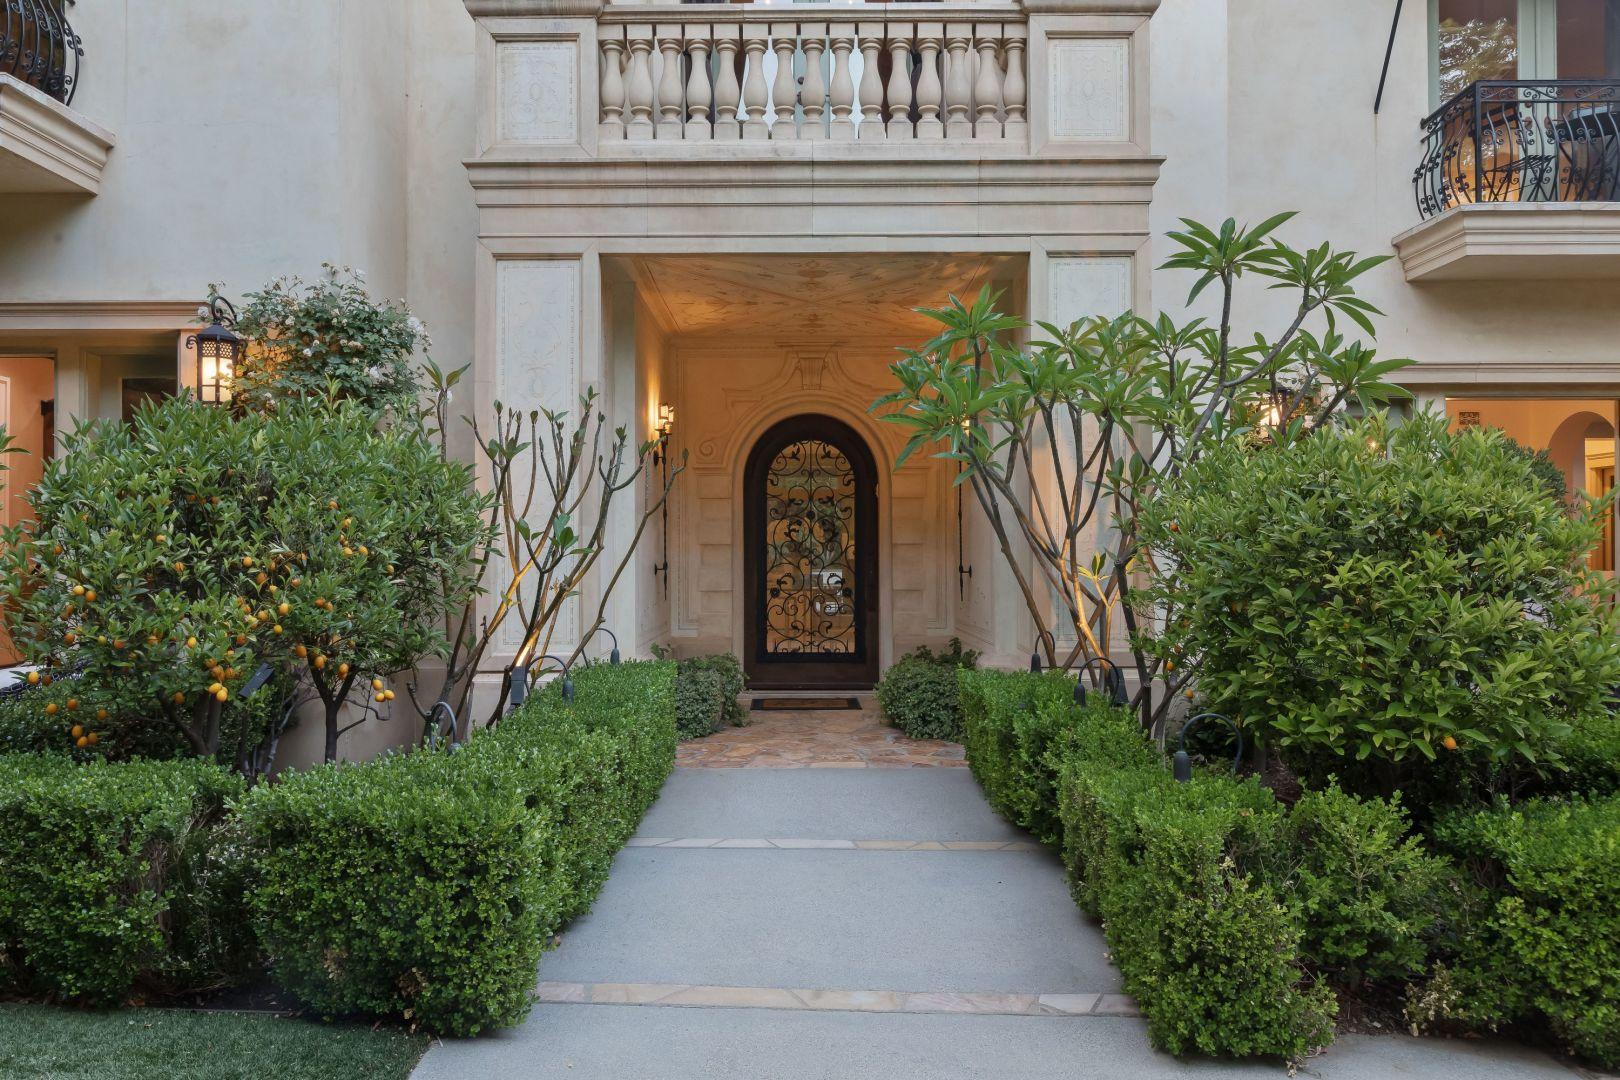 Baby One More Time - możemy śmiało zaśpiewać, jeśli chodzi o dawną rezydencję Britney Spears w Beverly Hills, która właśnie szuka właściciela.